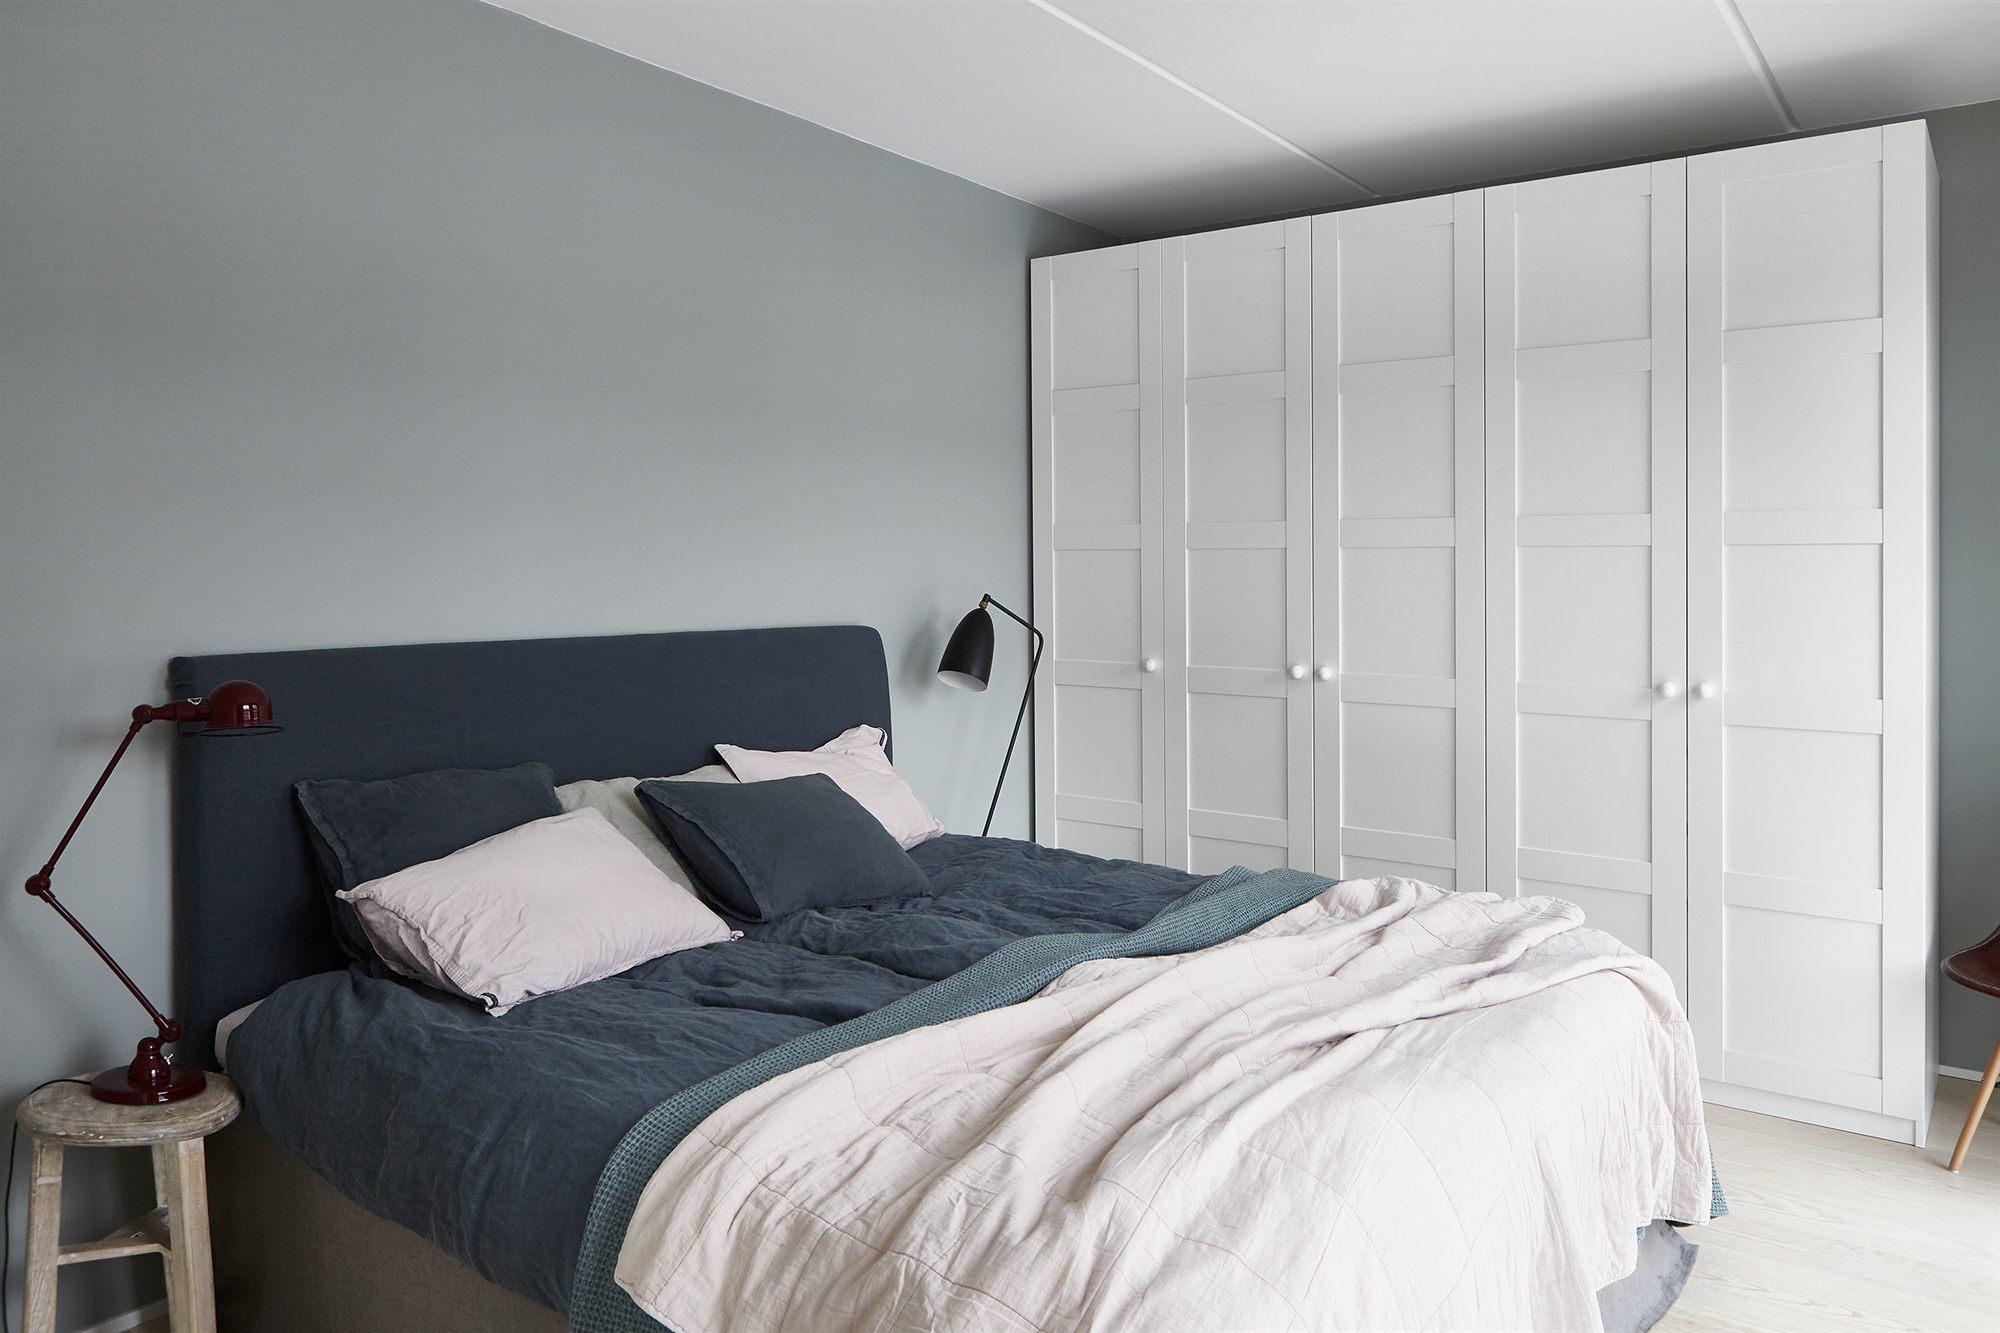 nl.funvit | luxe slaapkamer inrichting, Deco ideeën